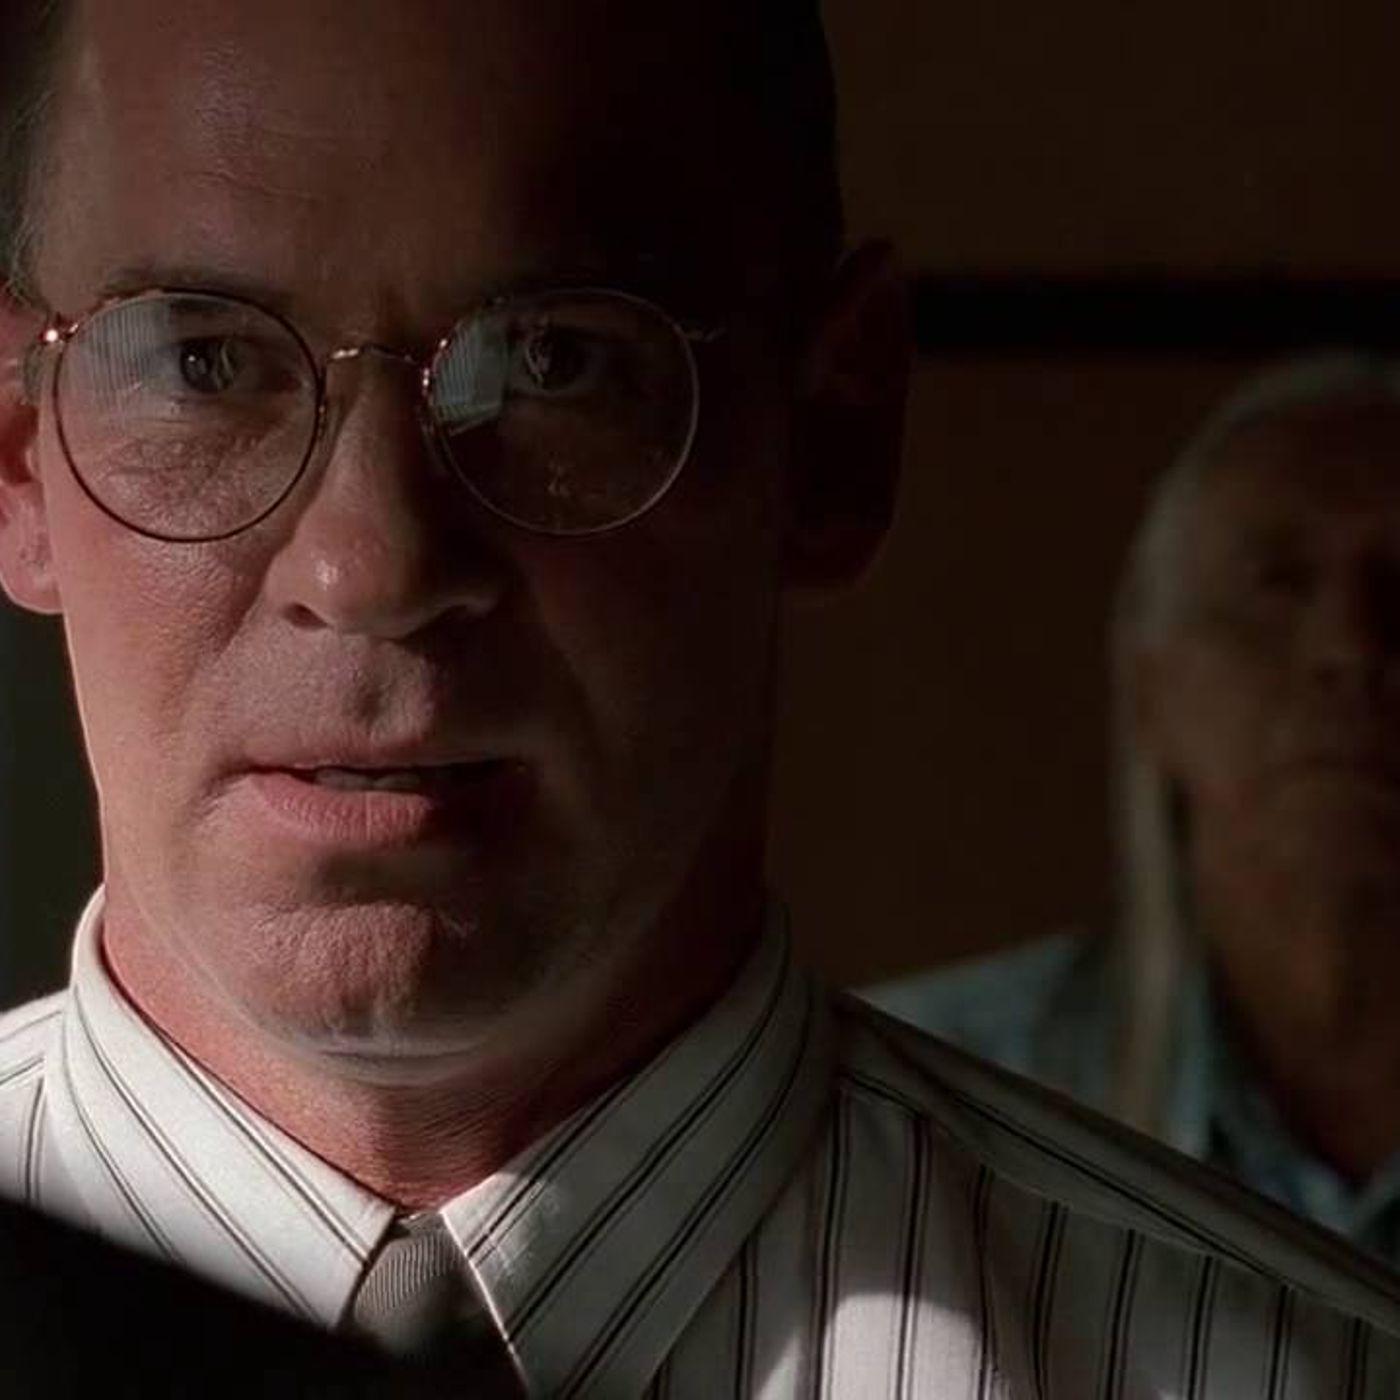 302. Walter Skinner in Seasons 1-3 (Part 2)